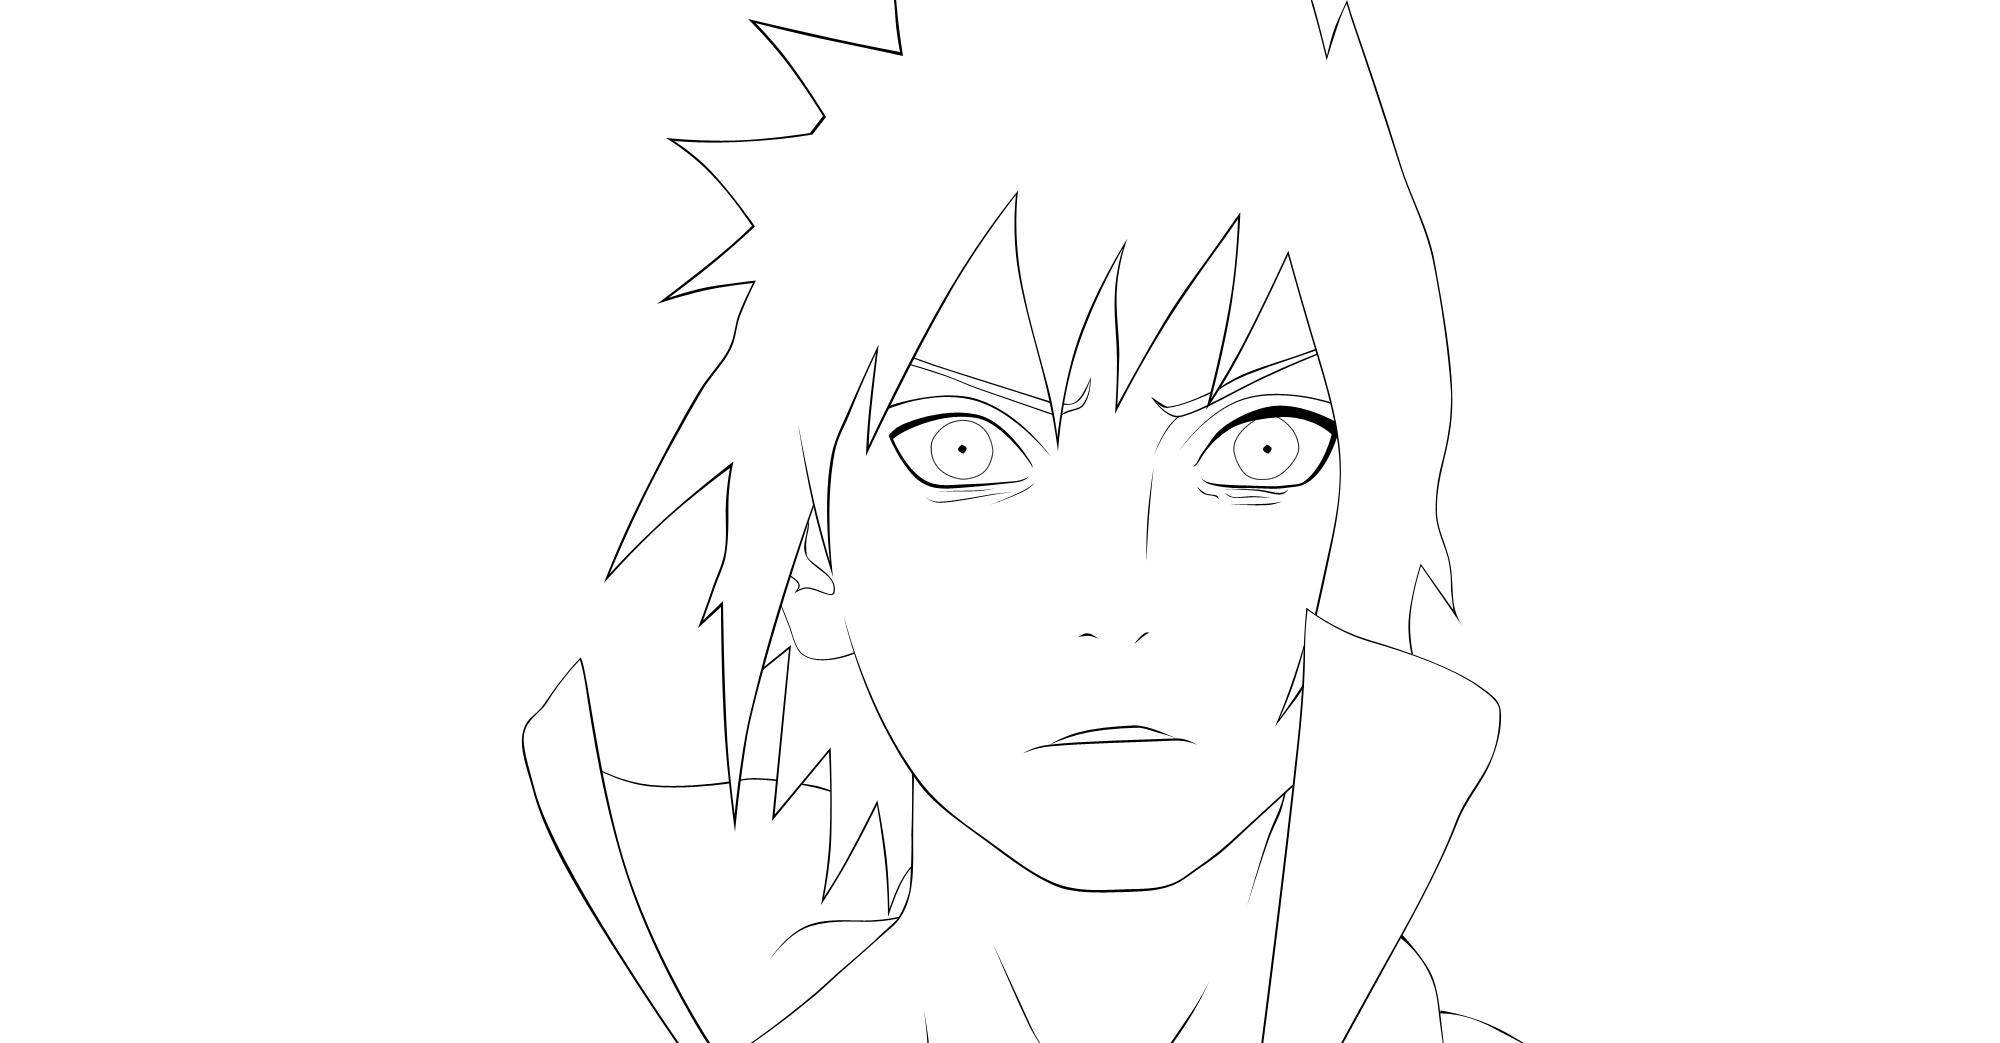 Sasuke Lineart : Sasuke lineart by gokaxpl on deviantart